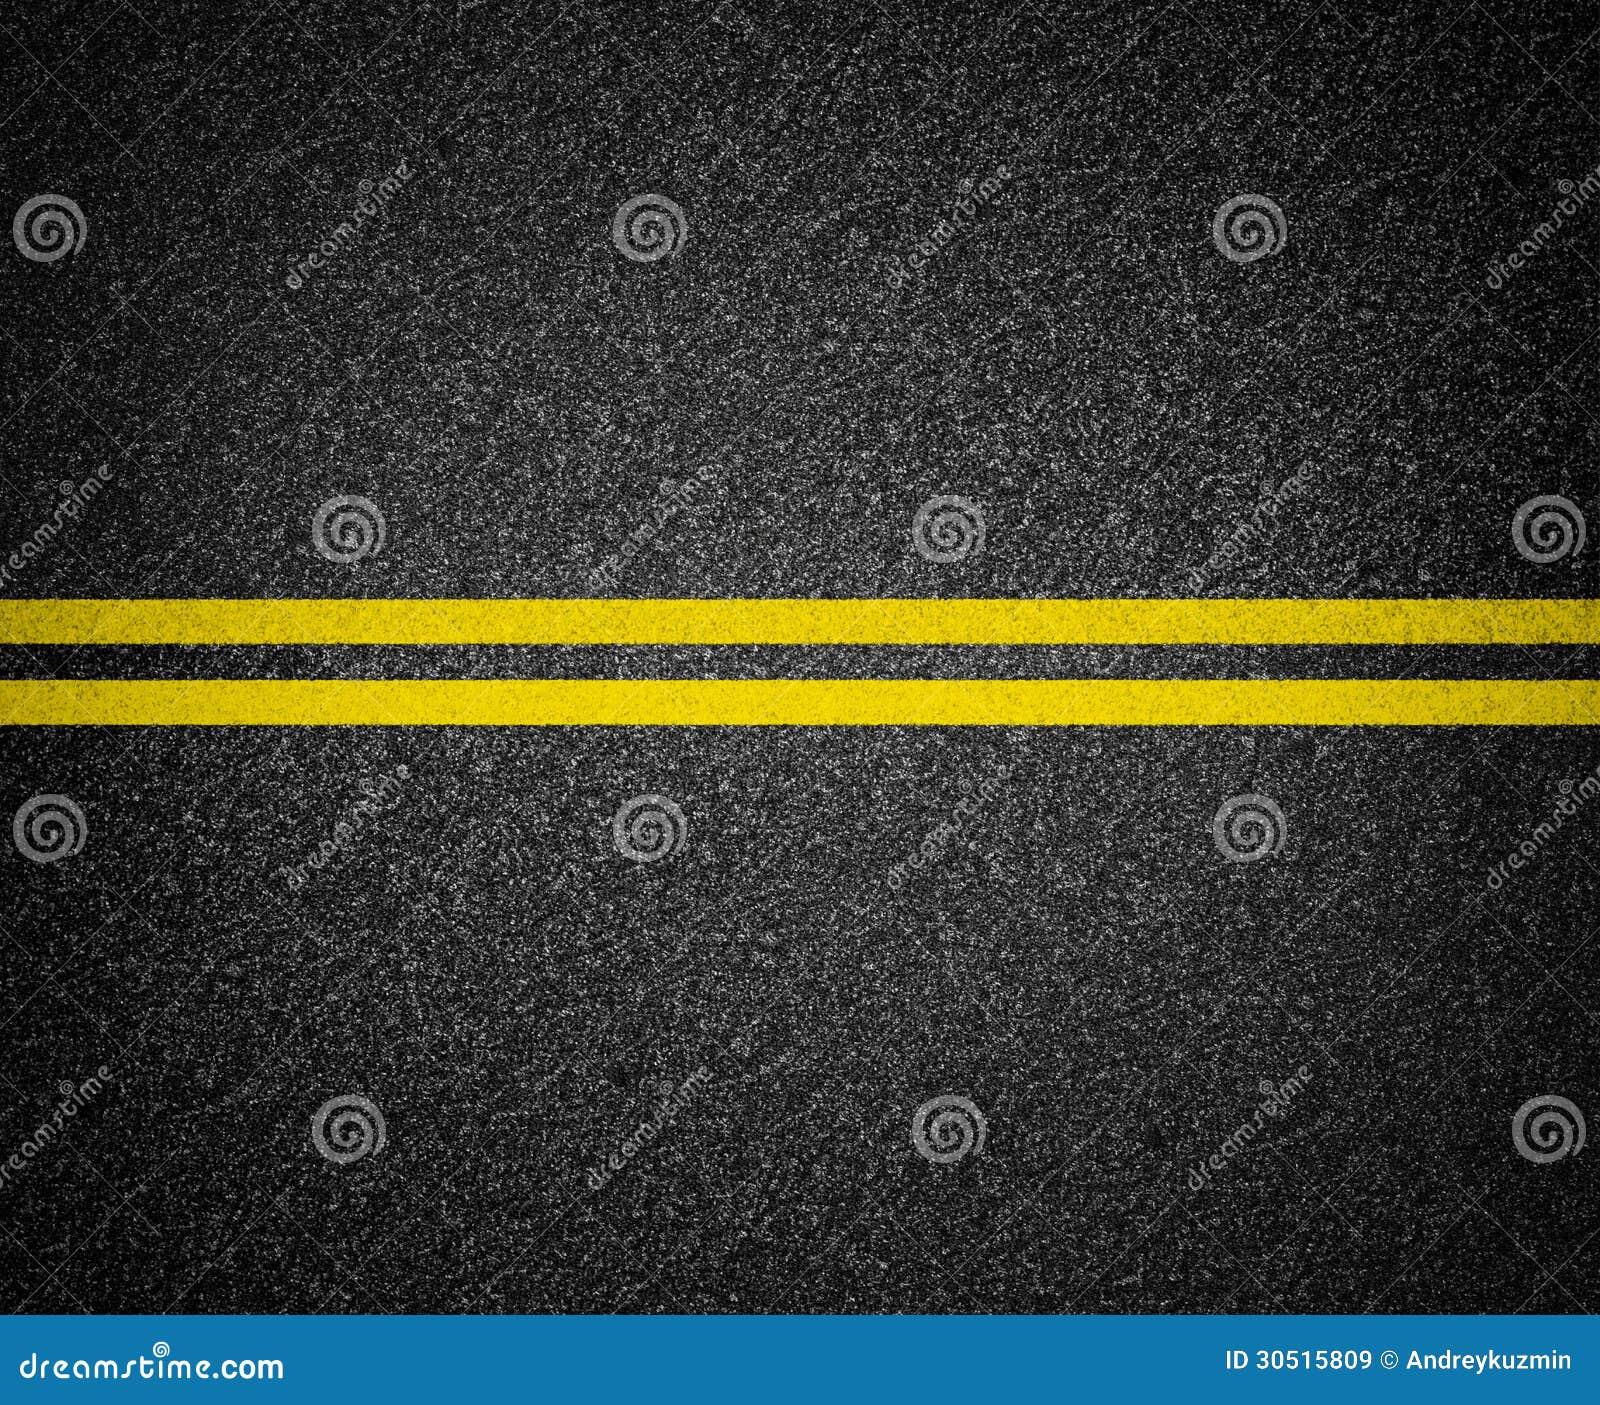 Asphalt road marking top view